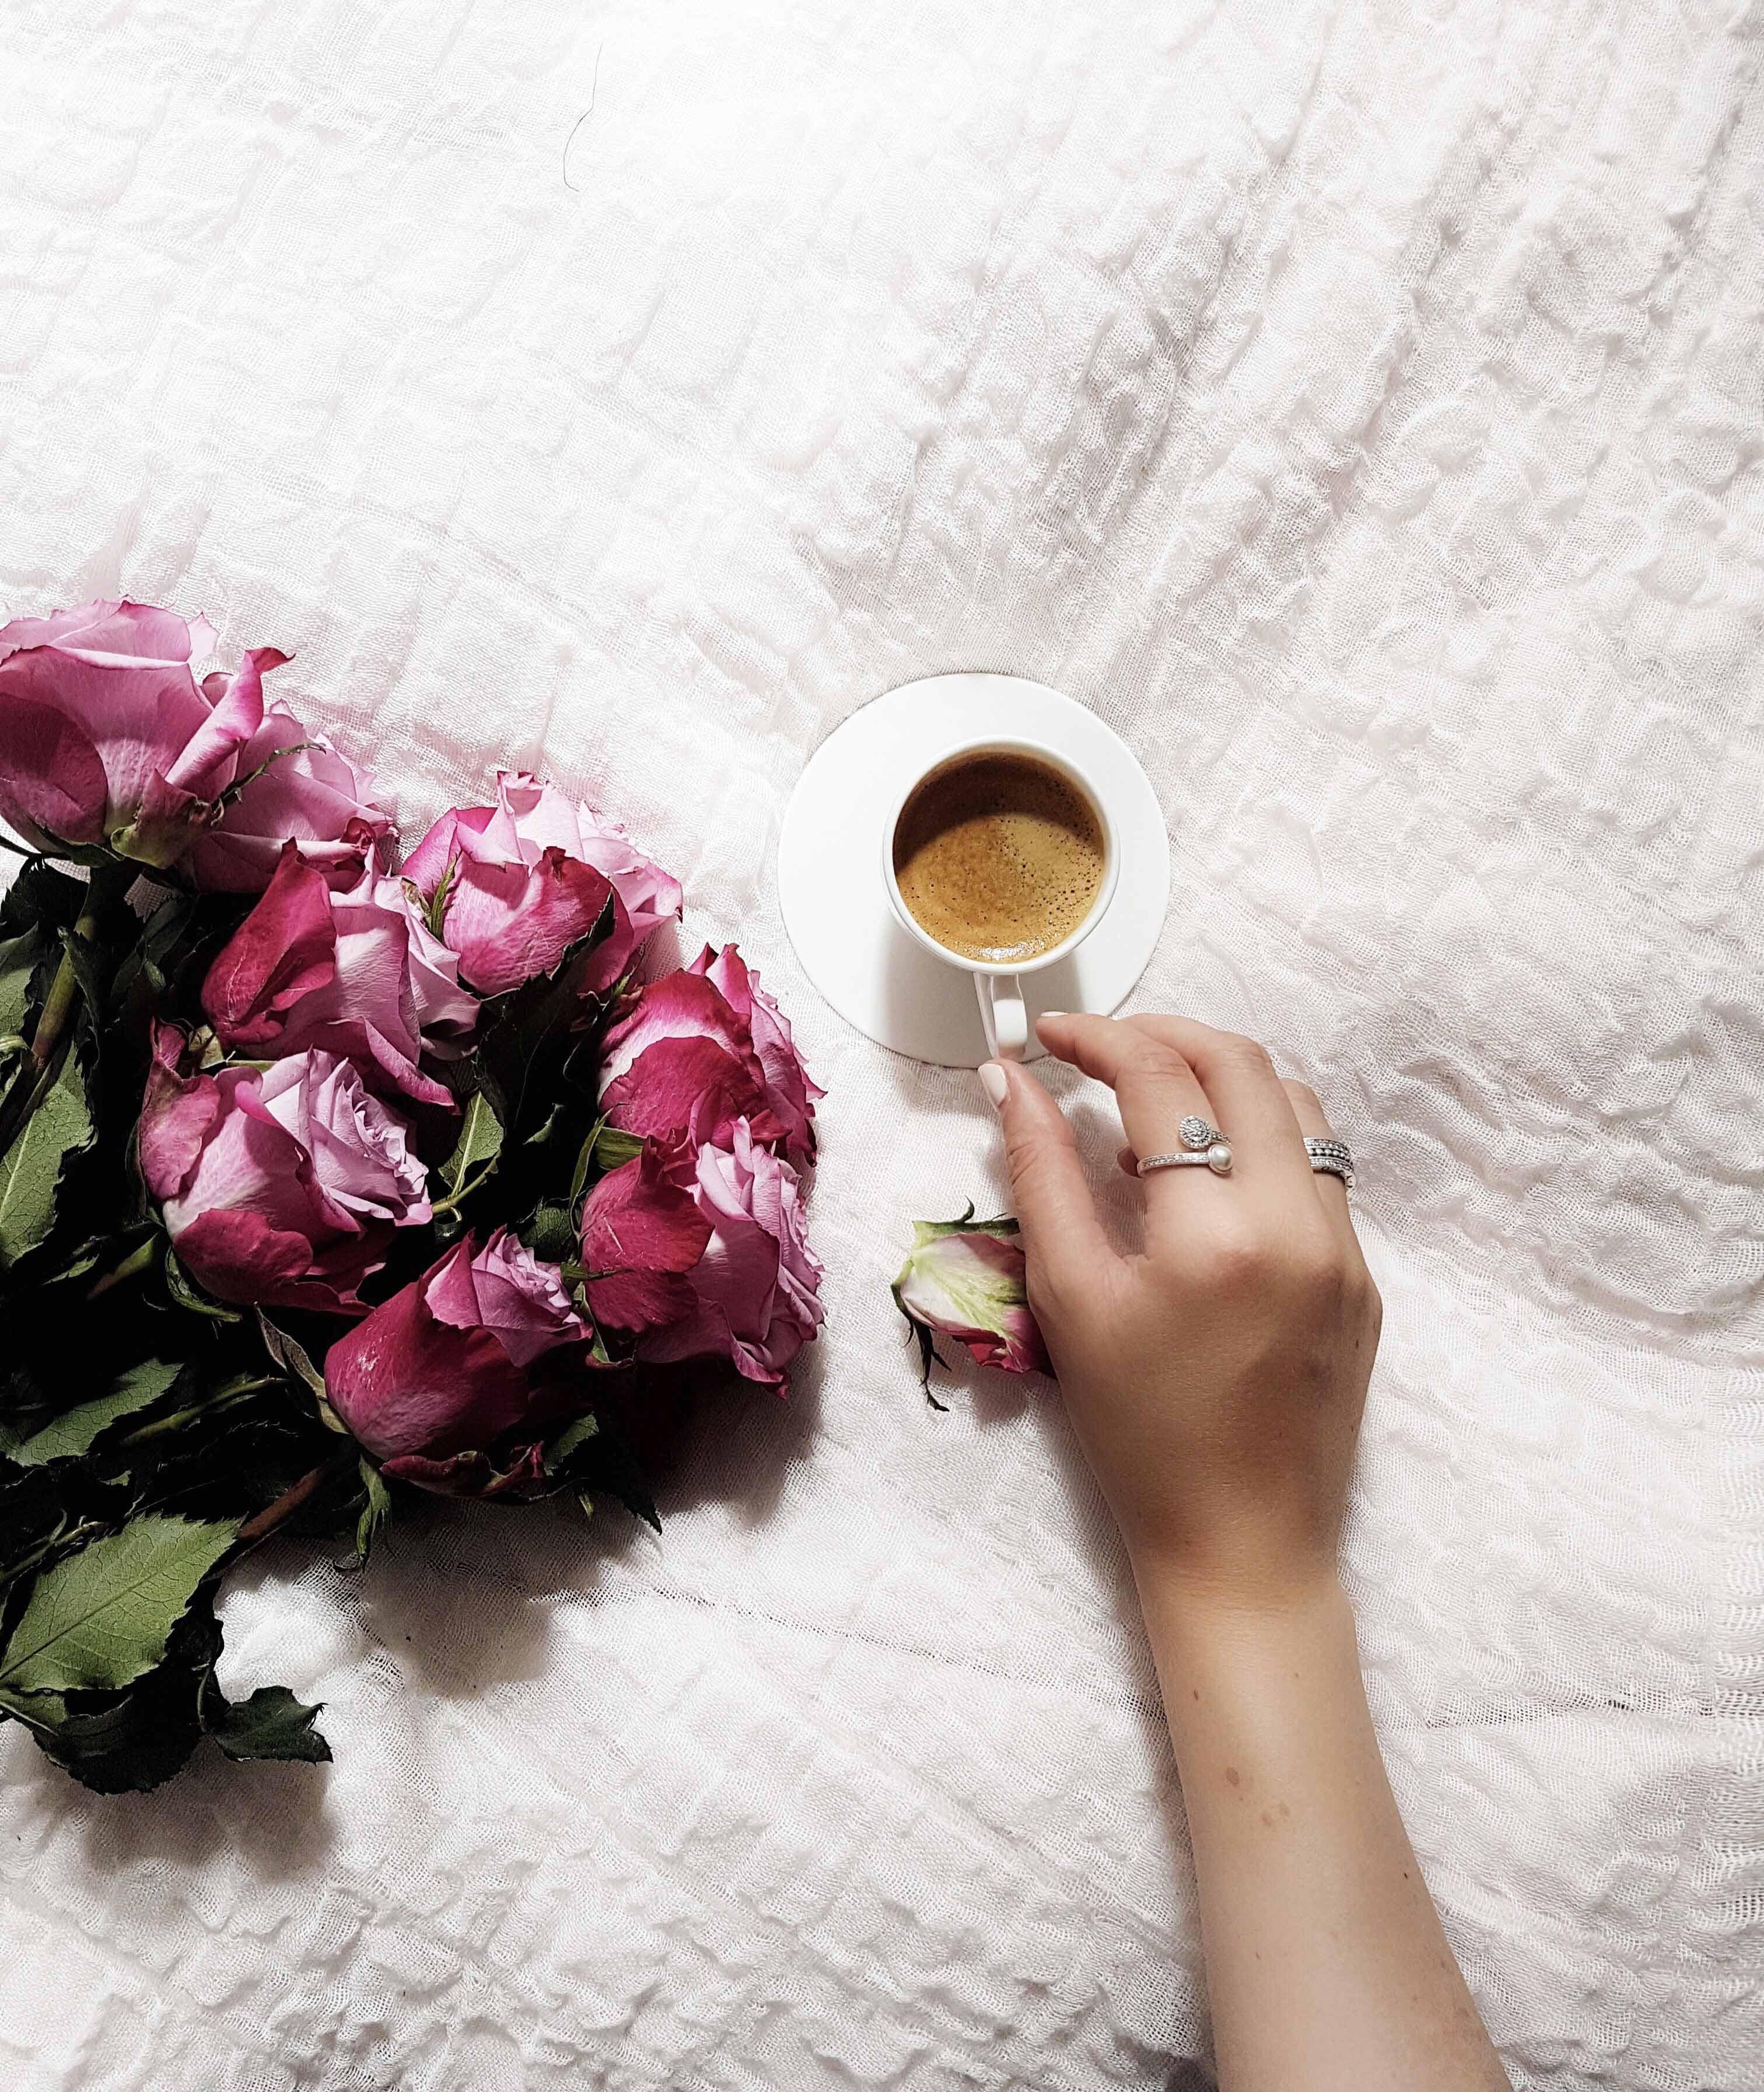 blumen zum Wochenende guter Kaffee zeit für sich Interieur zukkermädchen